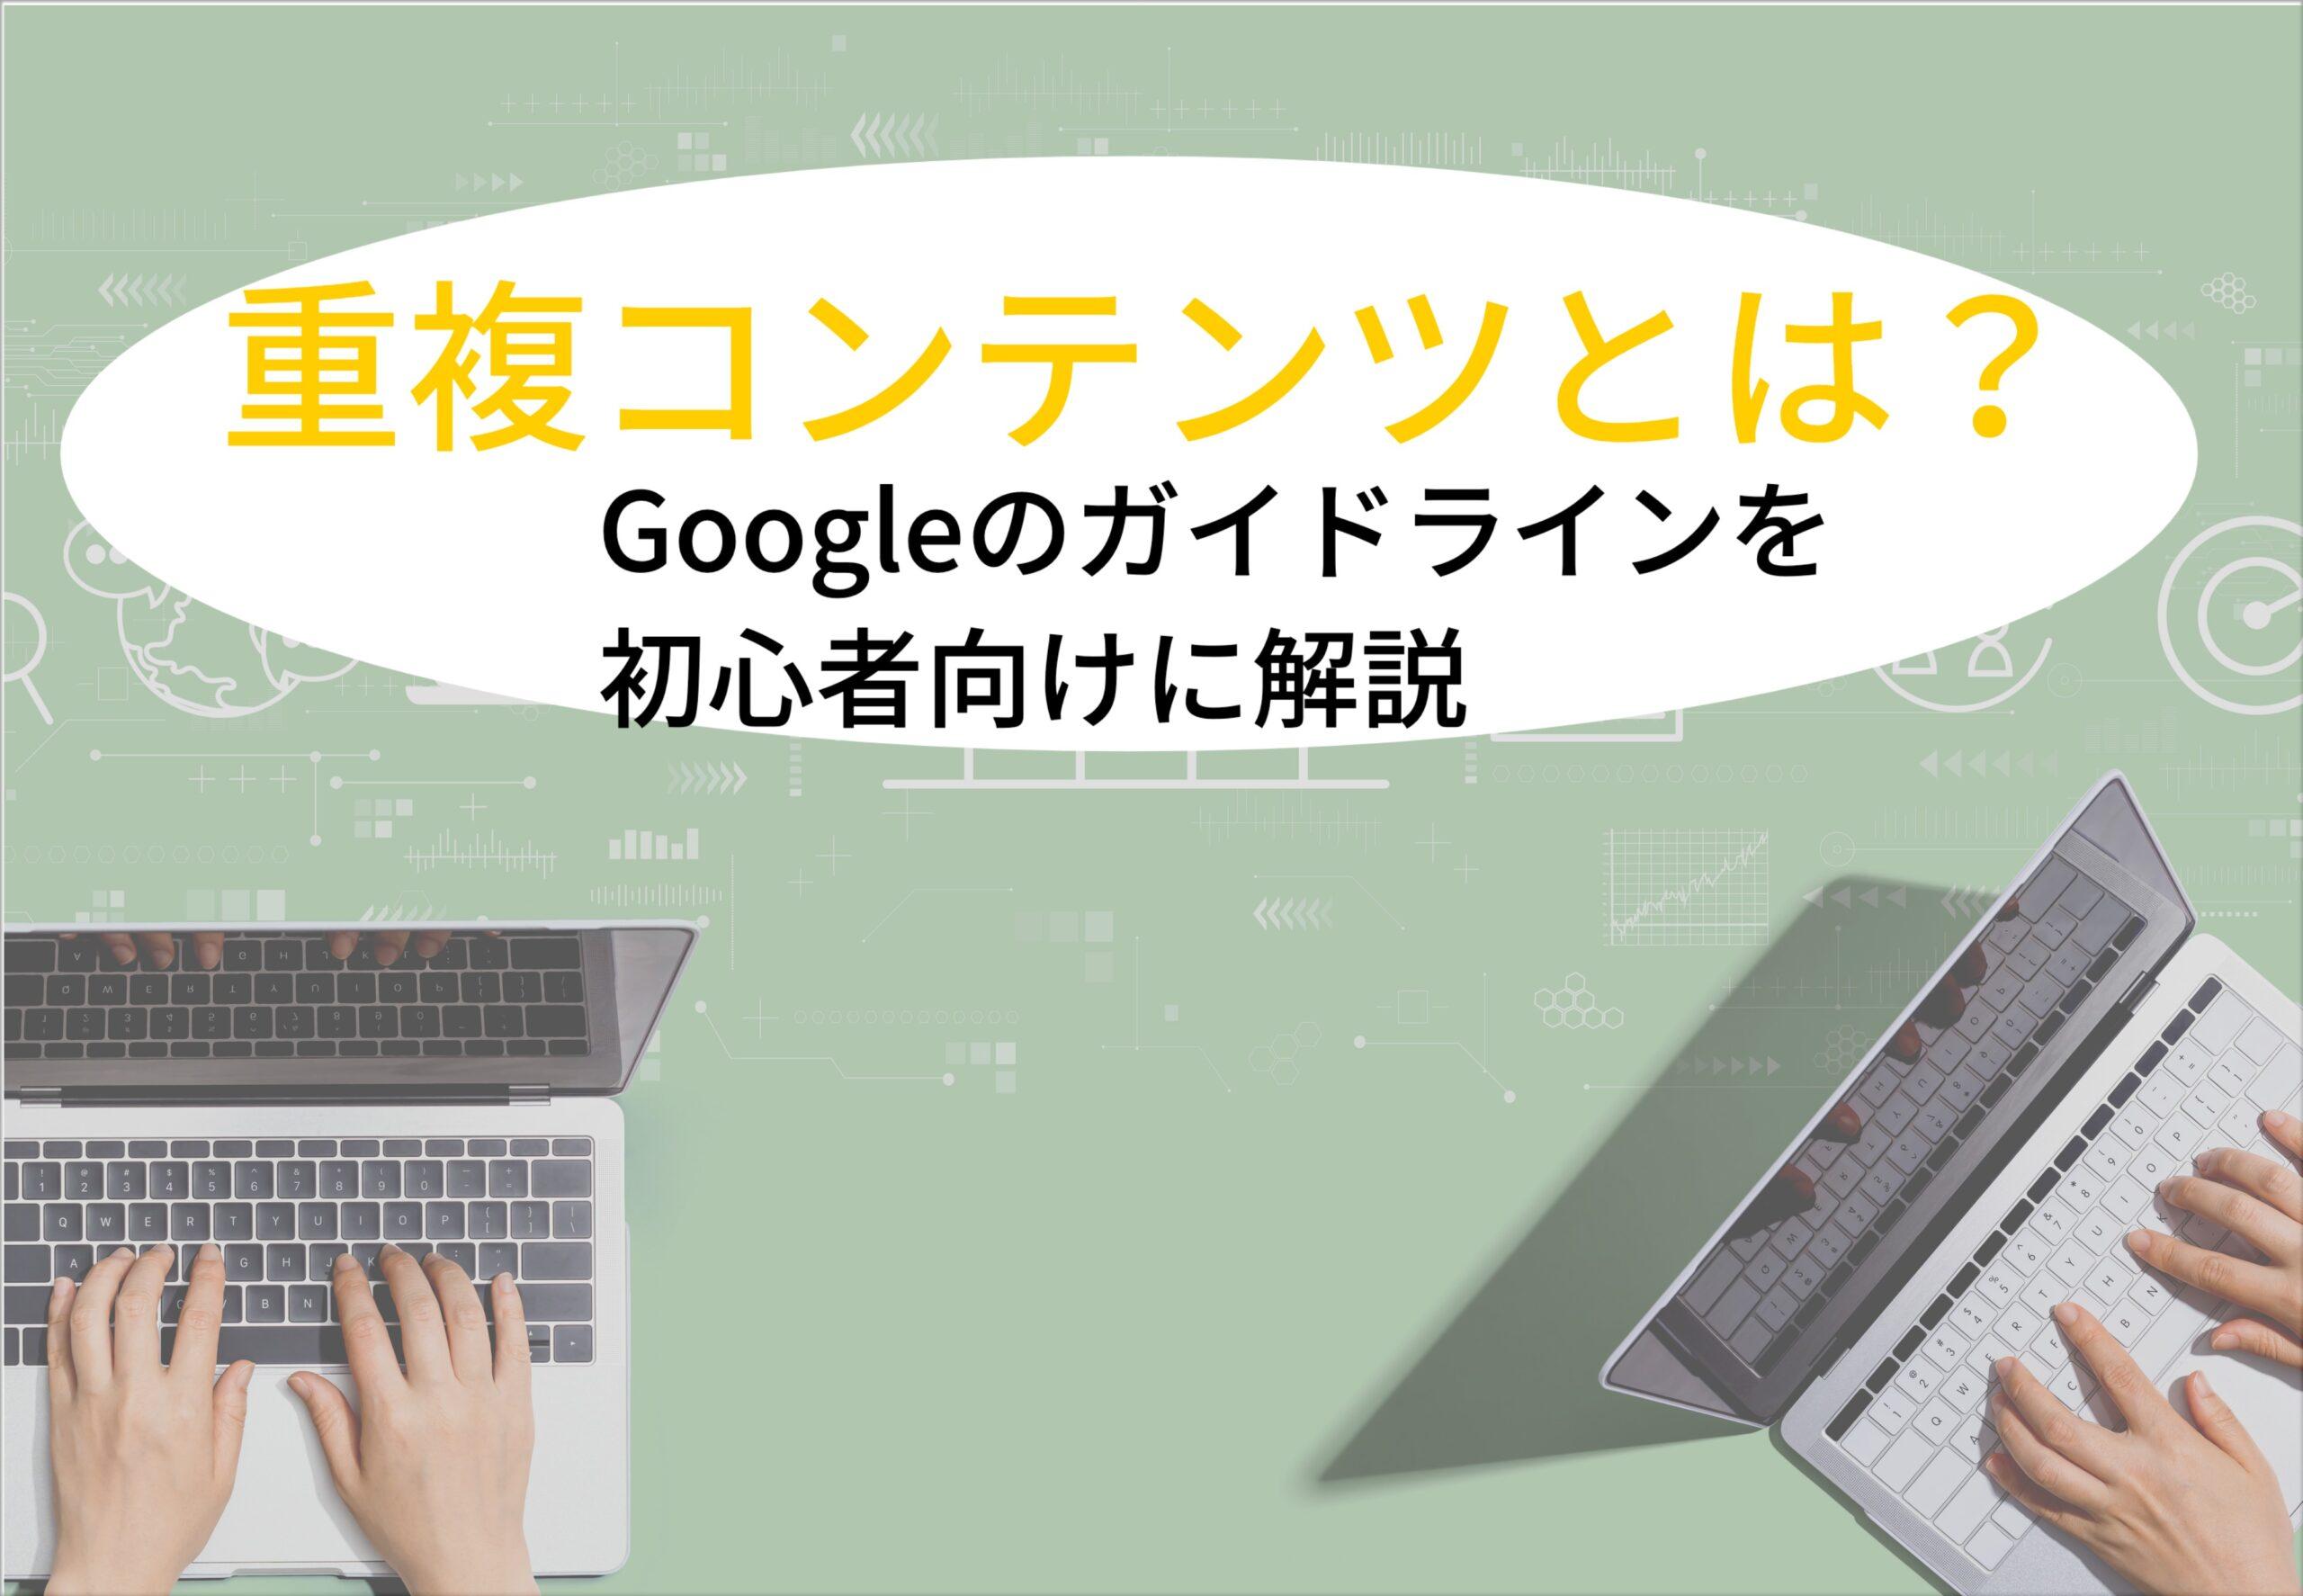 SEOにおける重複コンテンツとは?Googleのガイドラインを初心者向けに詳しく説明